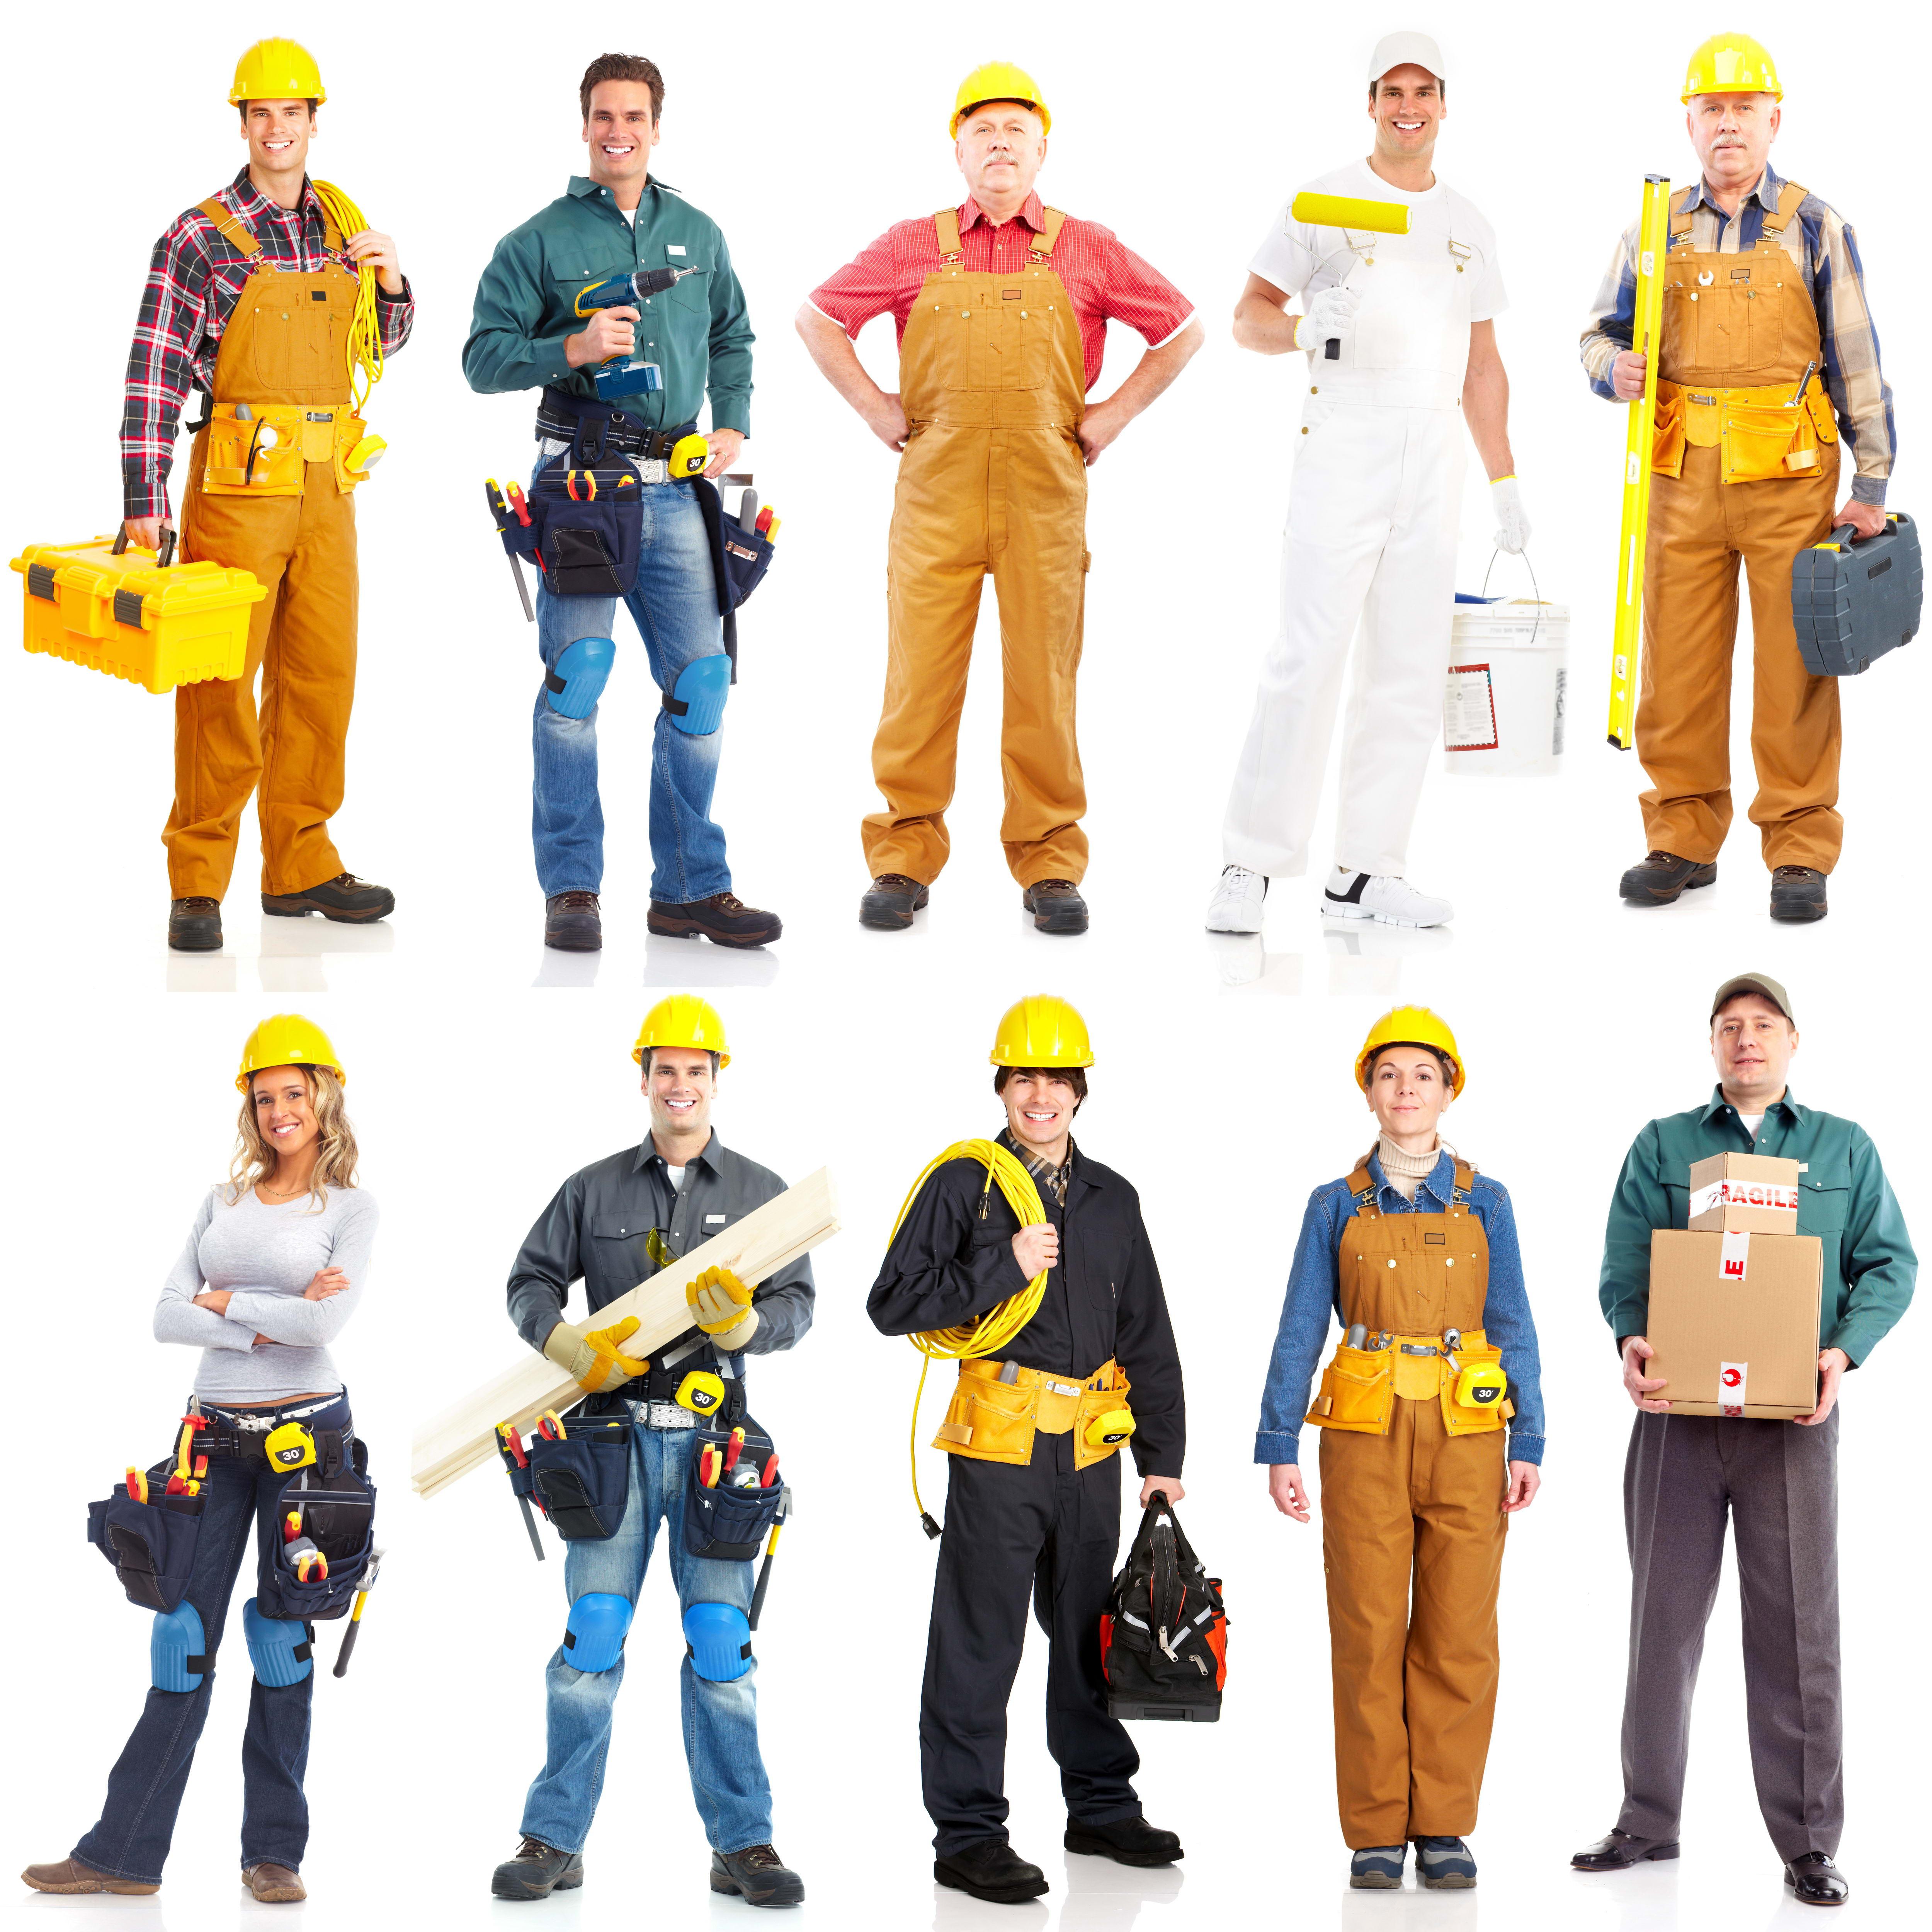 клипарт строители, фото, скачать, инструменты, стройка